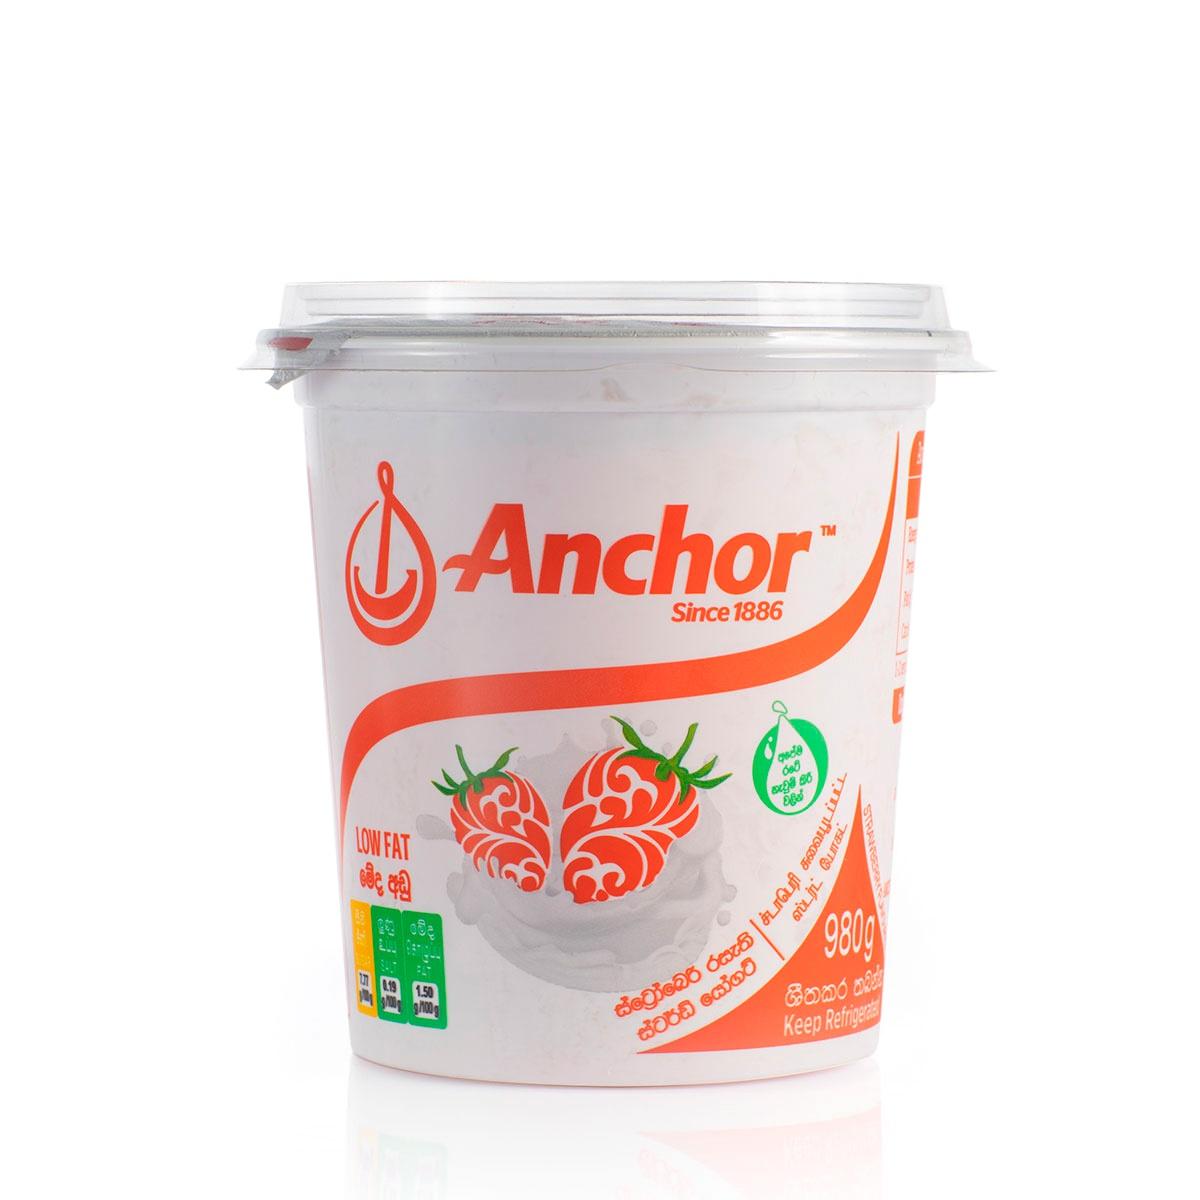 Anchor Yoghurt Stirred Strawberry Low Fat 980G - in Sri Lanka